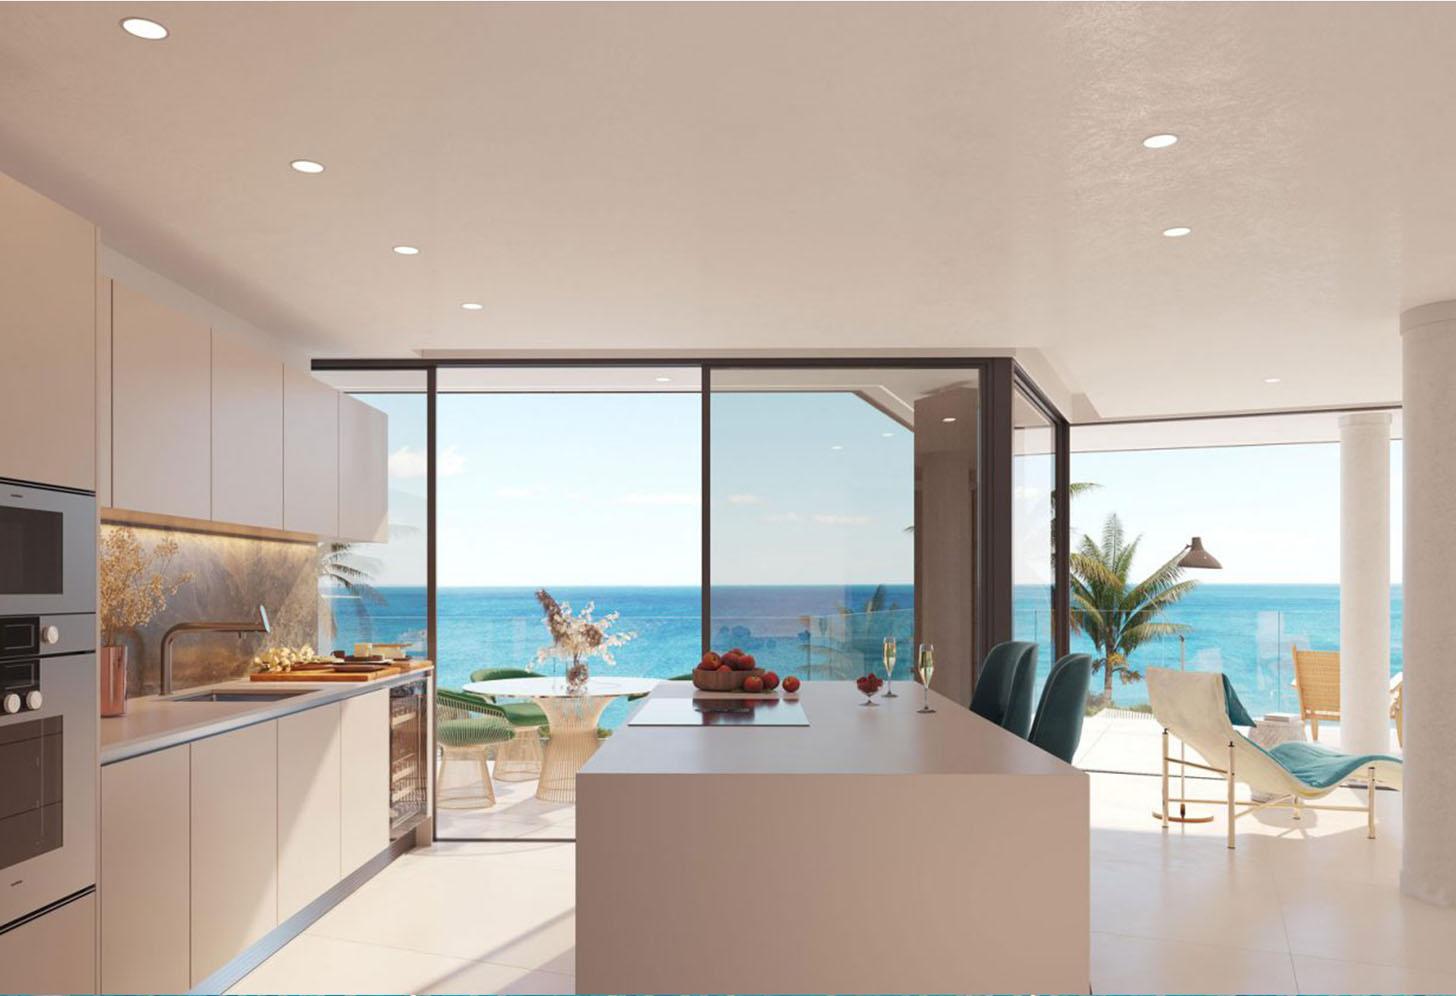 immobilier neuf espagne costa del sol on-e10 the sapphire cuisine